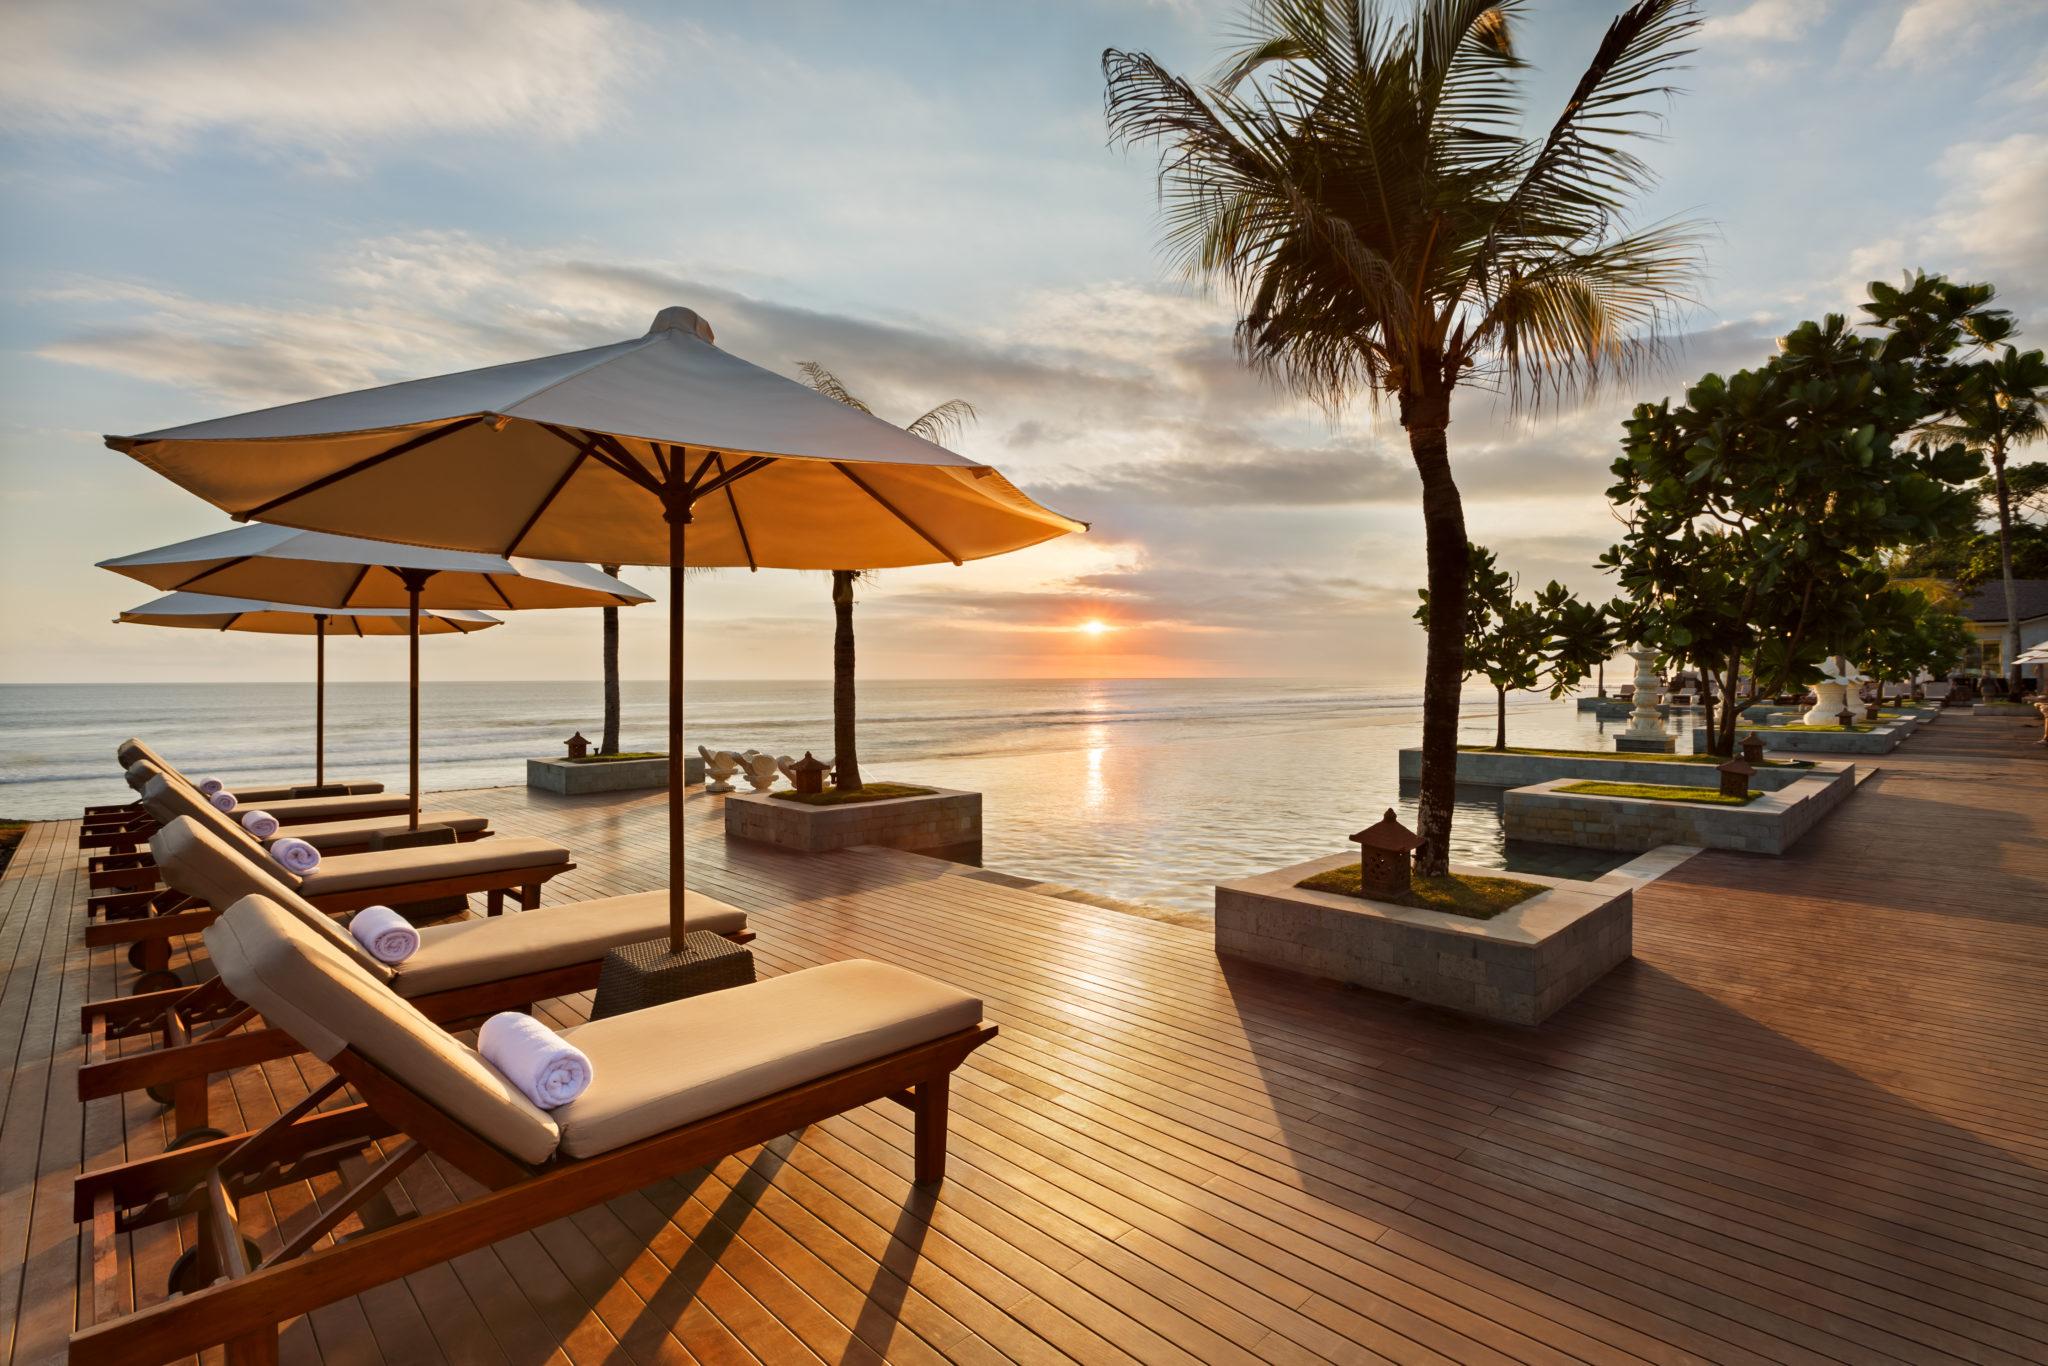 a5e58de681d20a06 org - A Destination Wedding of your Dreams at The Seminyak Beach Resort & Spa, Bali